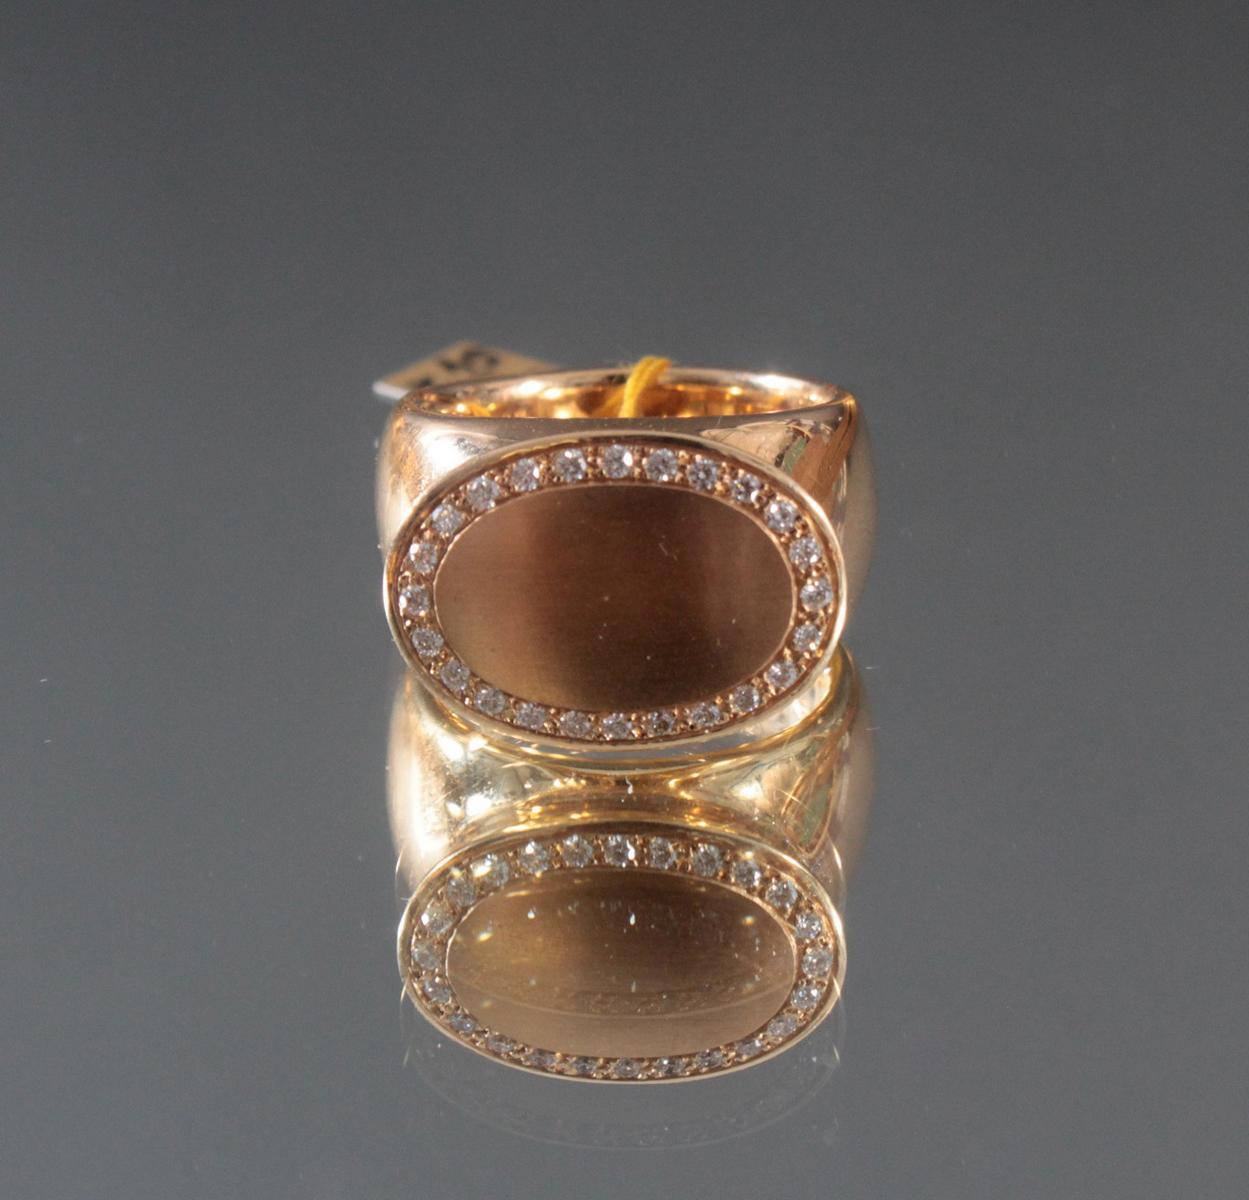 Damenring aus 18 Karat Gelbgold mit Diamanten von insg. ca. 0,24 Karat